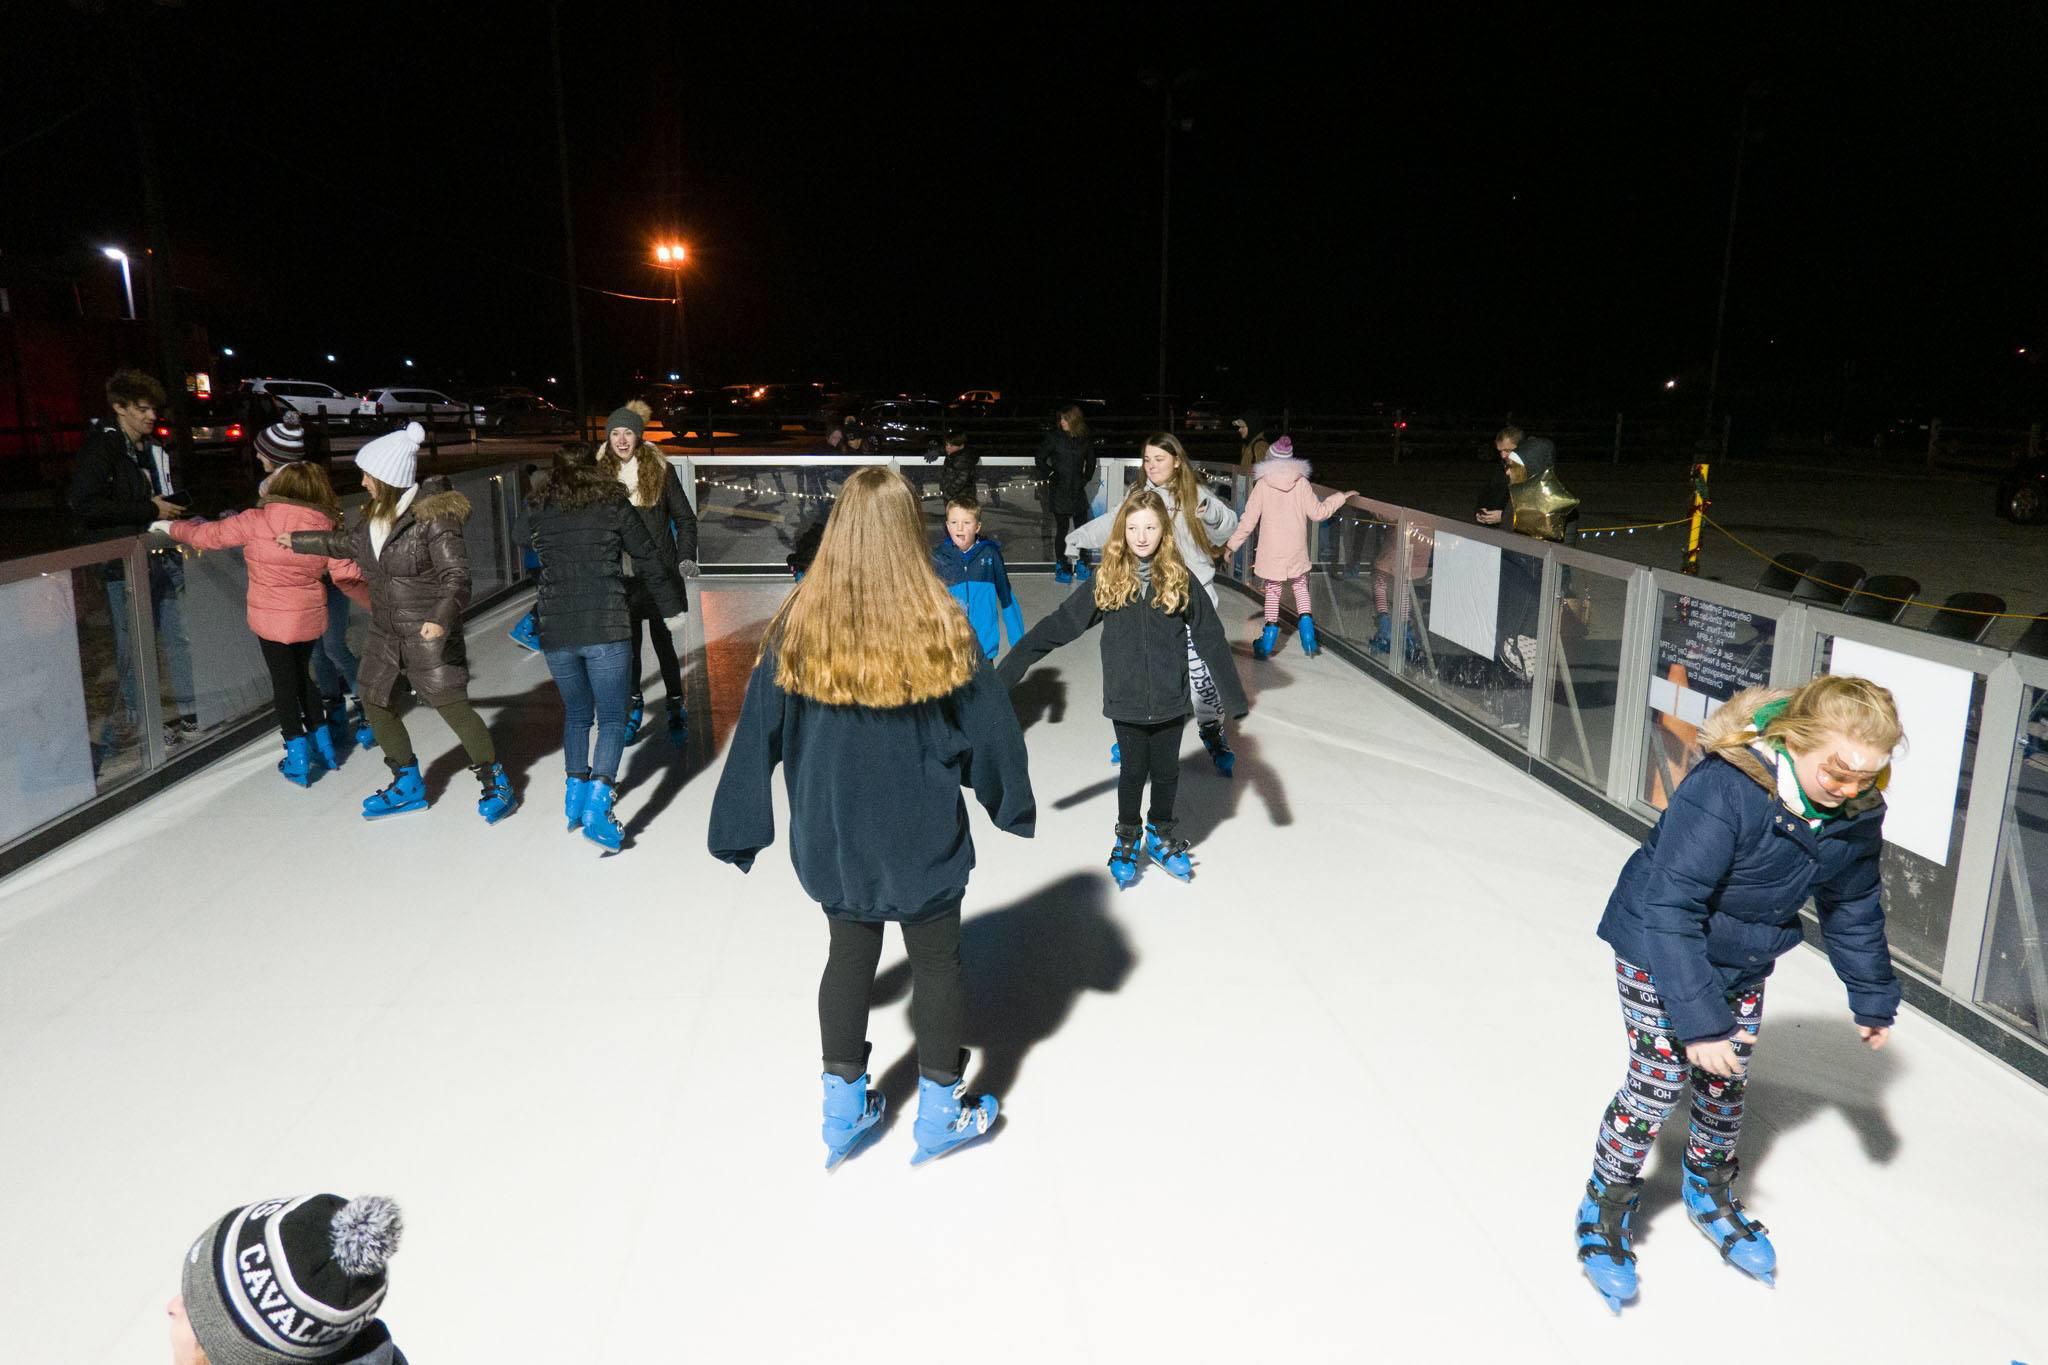 Kids ice skating at night